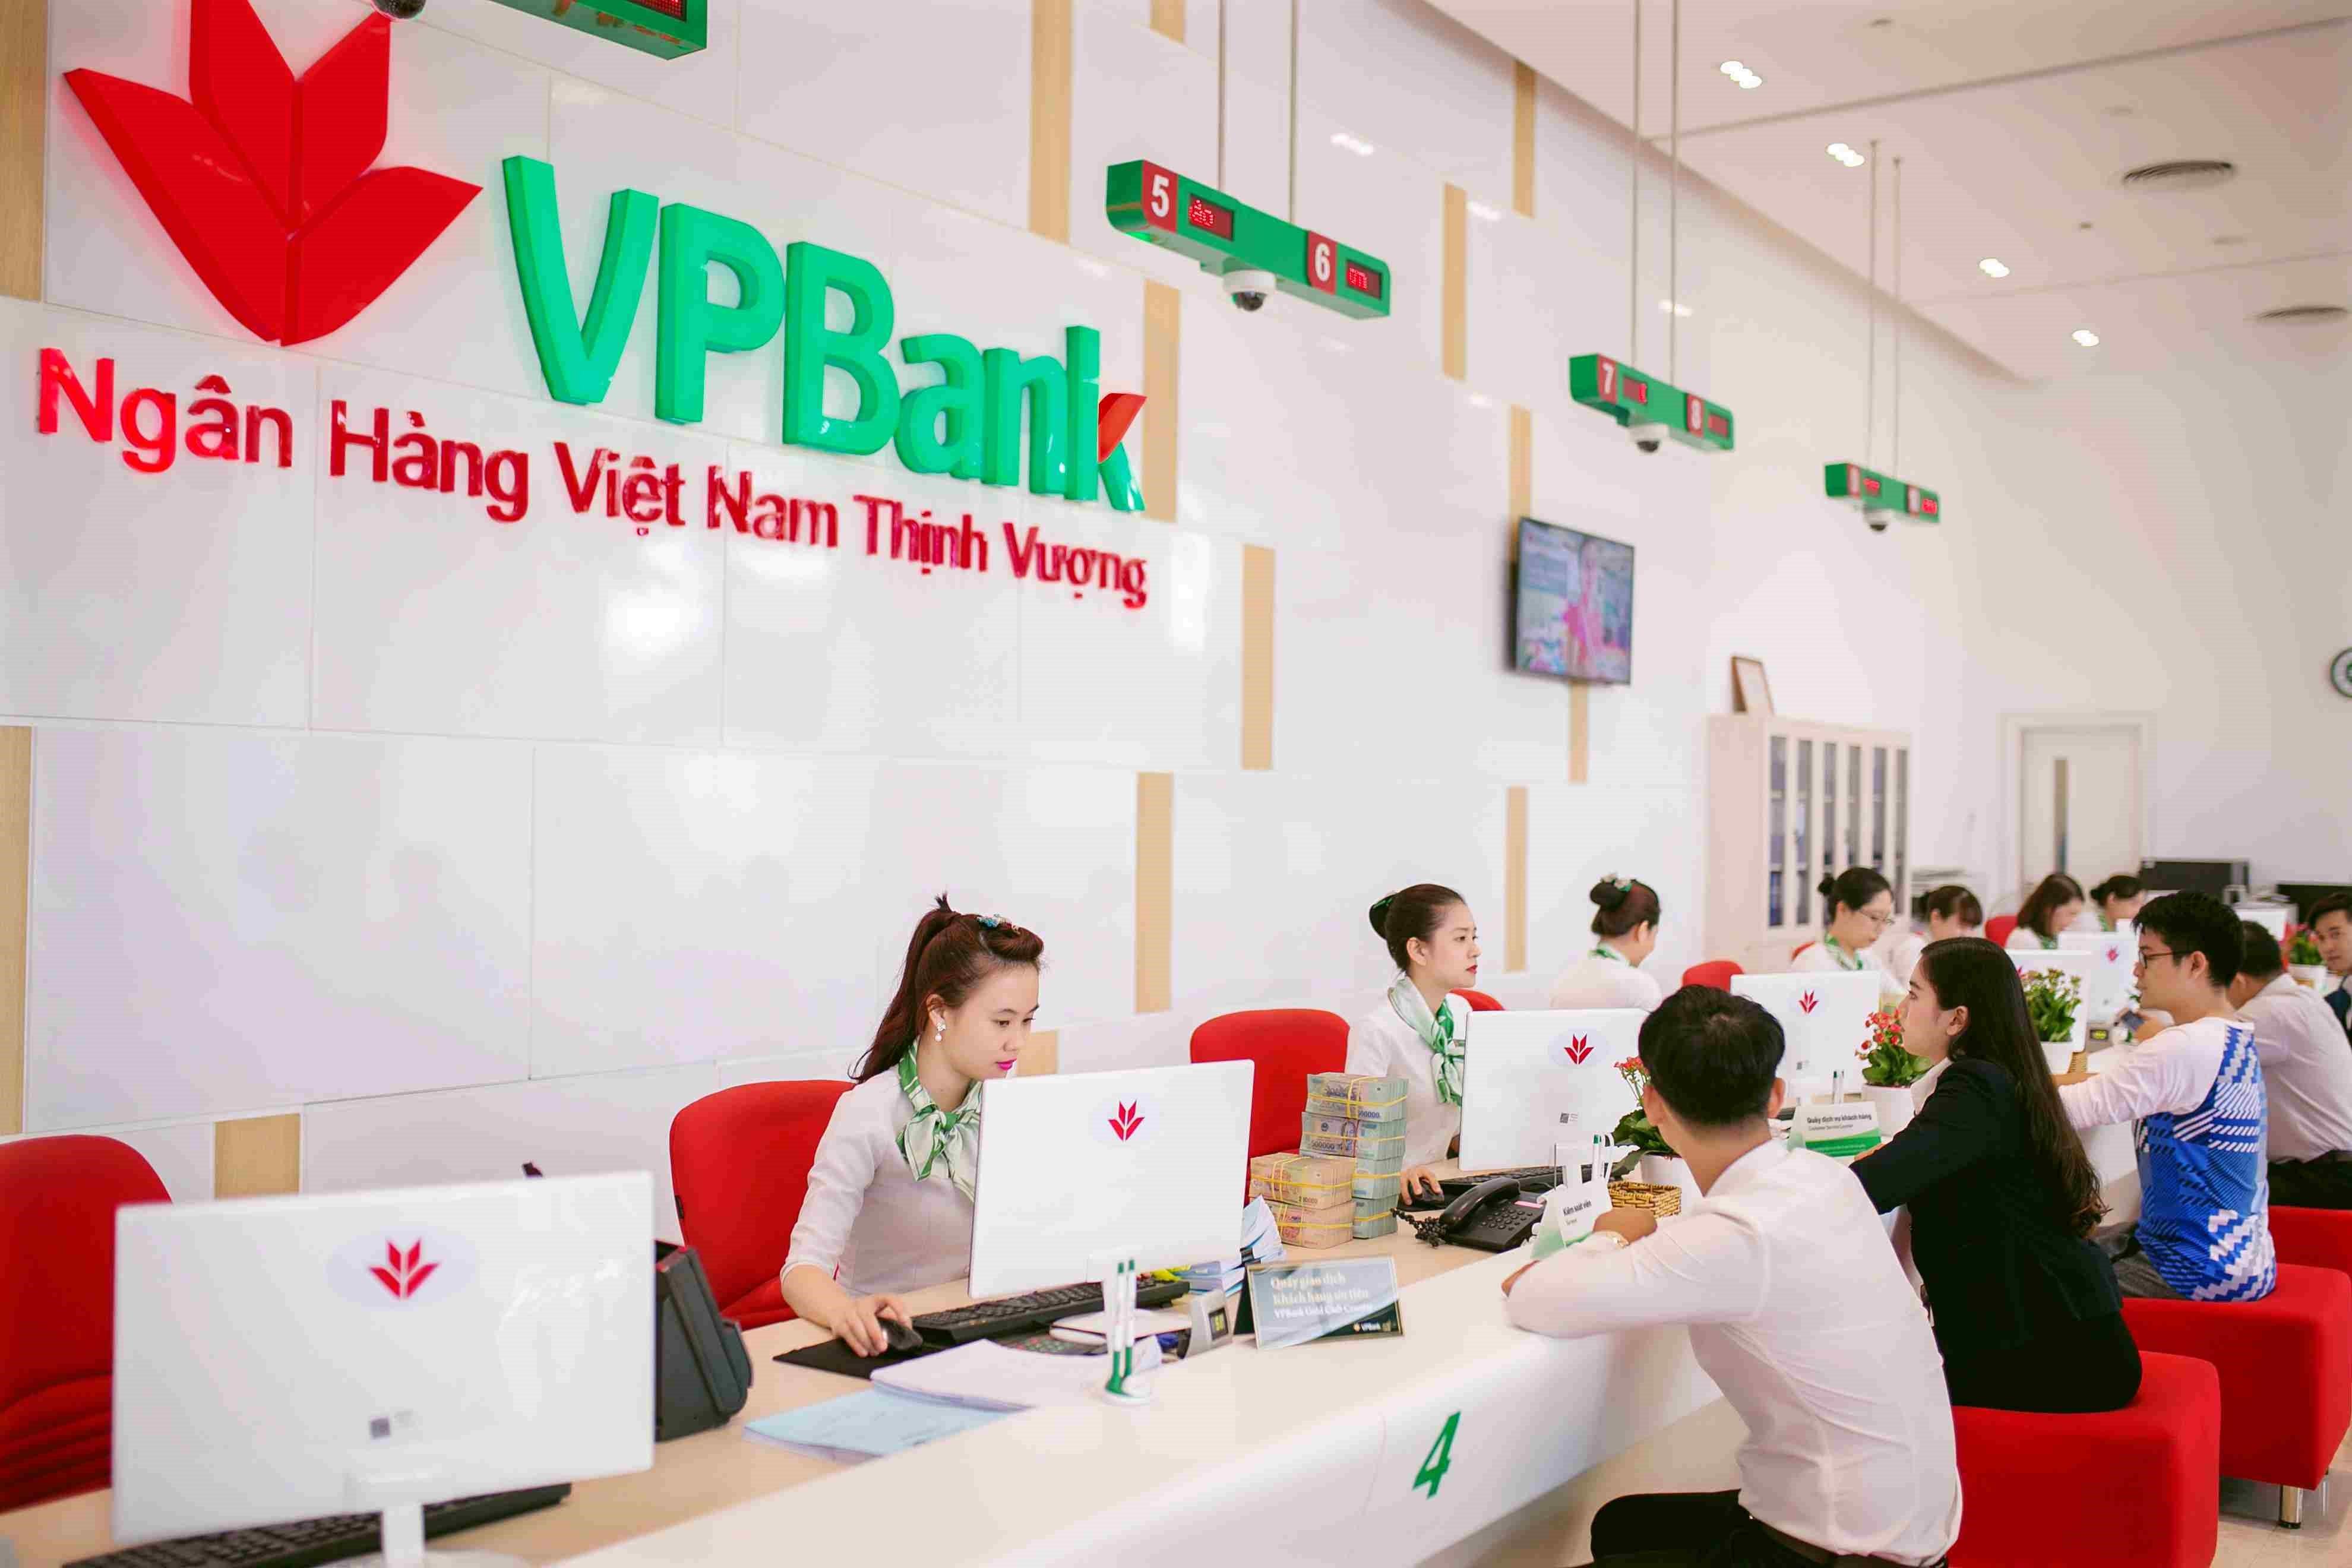 Lợi nhuận hợp nhất trước thuế 9 tháng của VPBank đạt 6.125 tỷ đồng, doanh thu đạt hơn 22.100 tỷ tăng 26% so với cùng kỳ